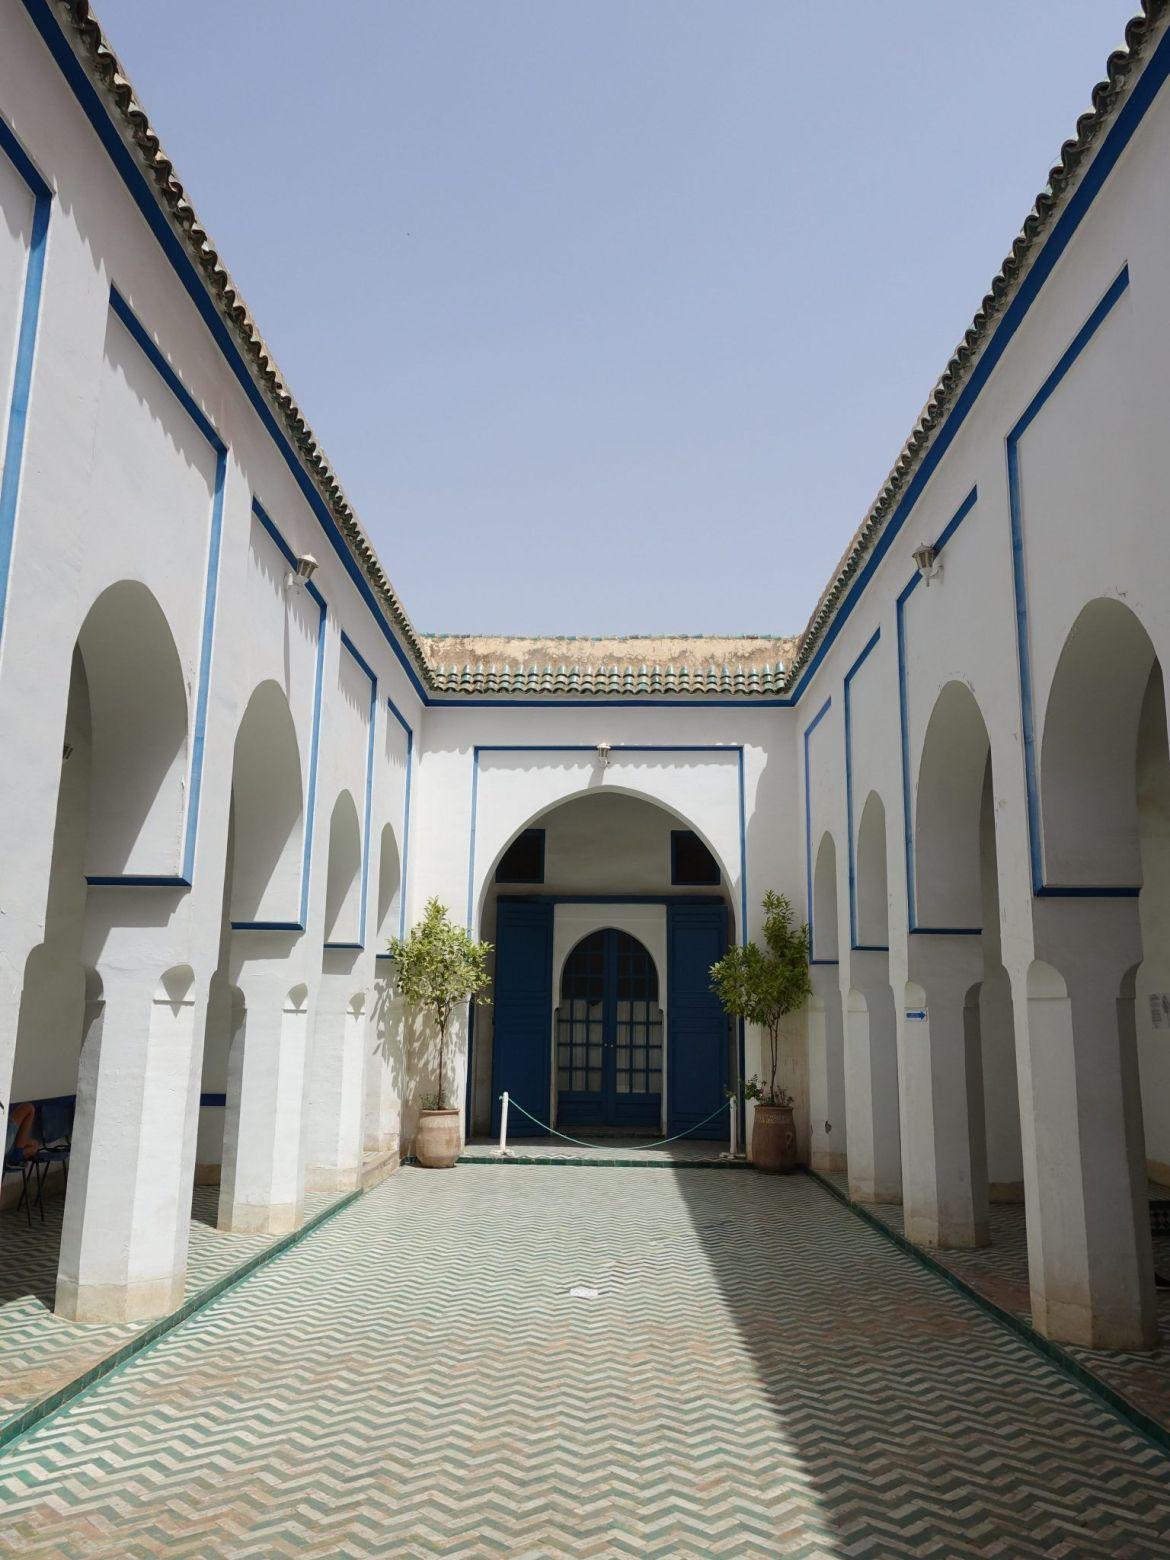 Palacio de la Bahía: Marrakech en una semana